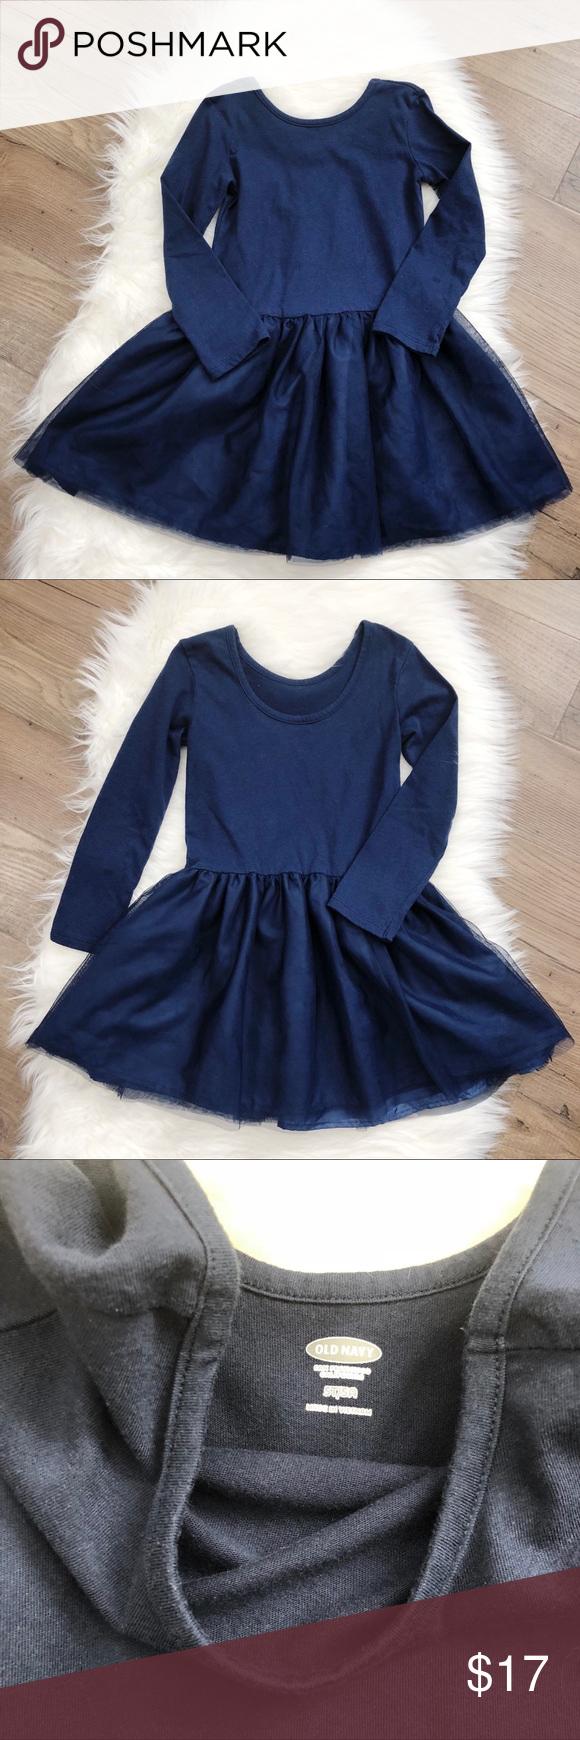 Toddler Girls Navy Blue Long Sleeve Tutu Dress 5t Toddler Girl Old Navy Toddler Girl Tutu Dress [ 1740 x 580 Pixel ]